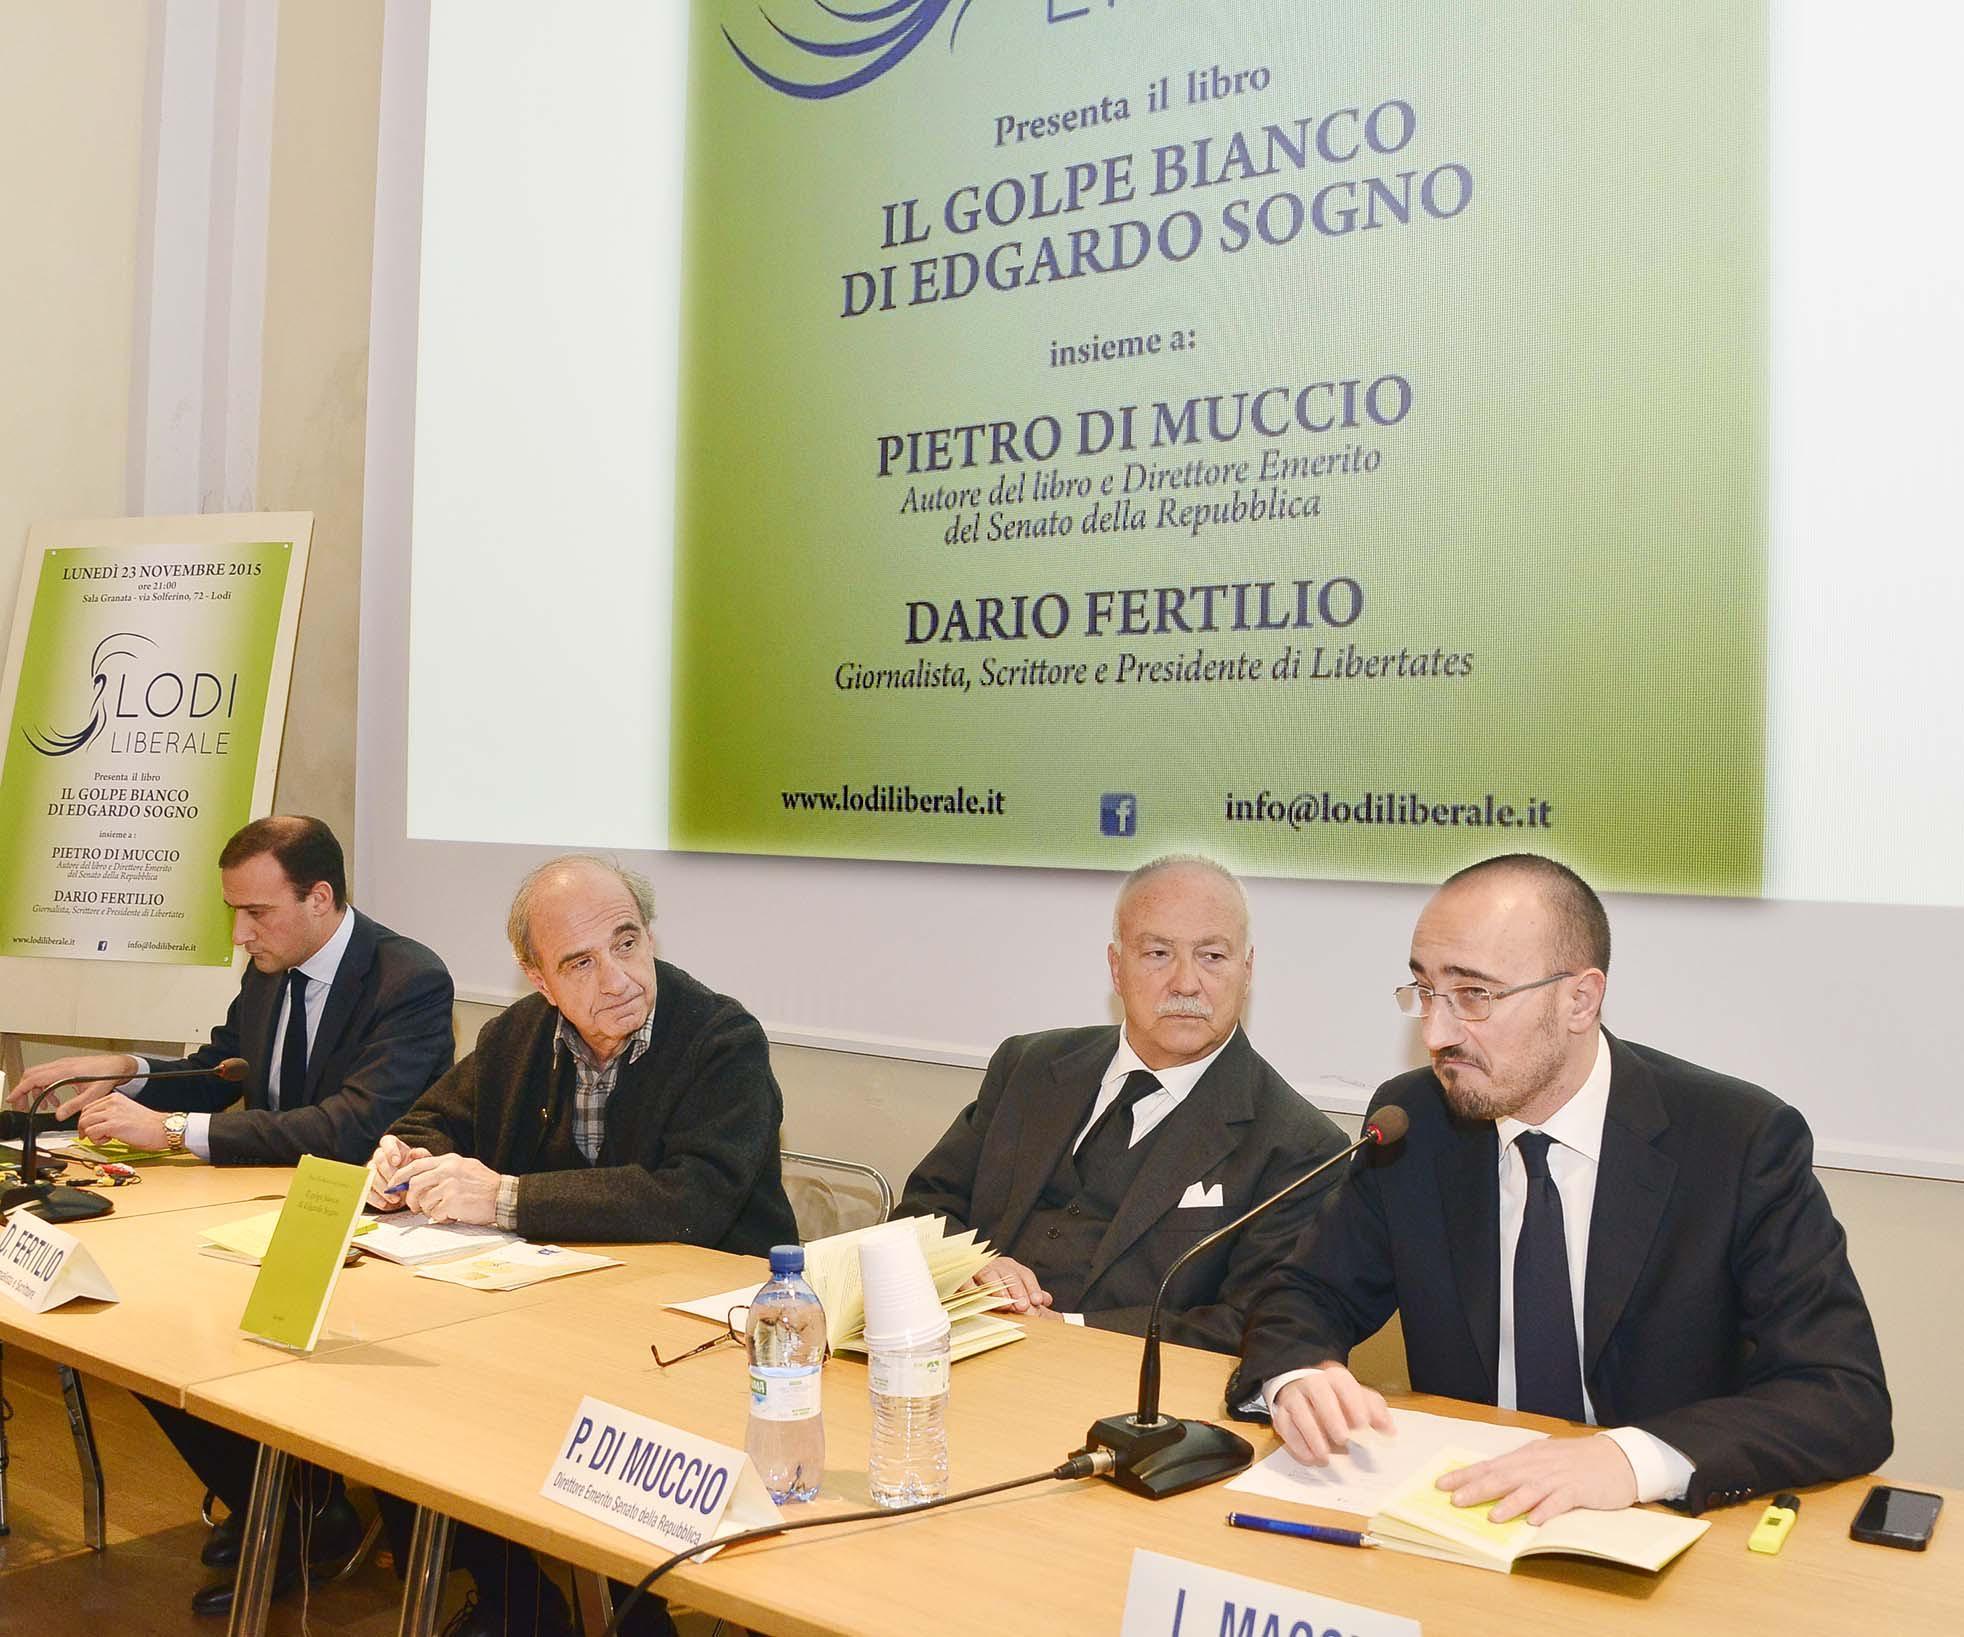 """Associazione Lodi Liberale - Presentazione del libro """"Il golpe bianco di Edgardo Sogno"""" di Pietro Di Muccio"""